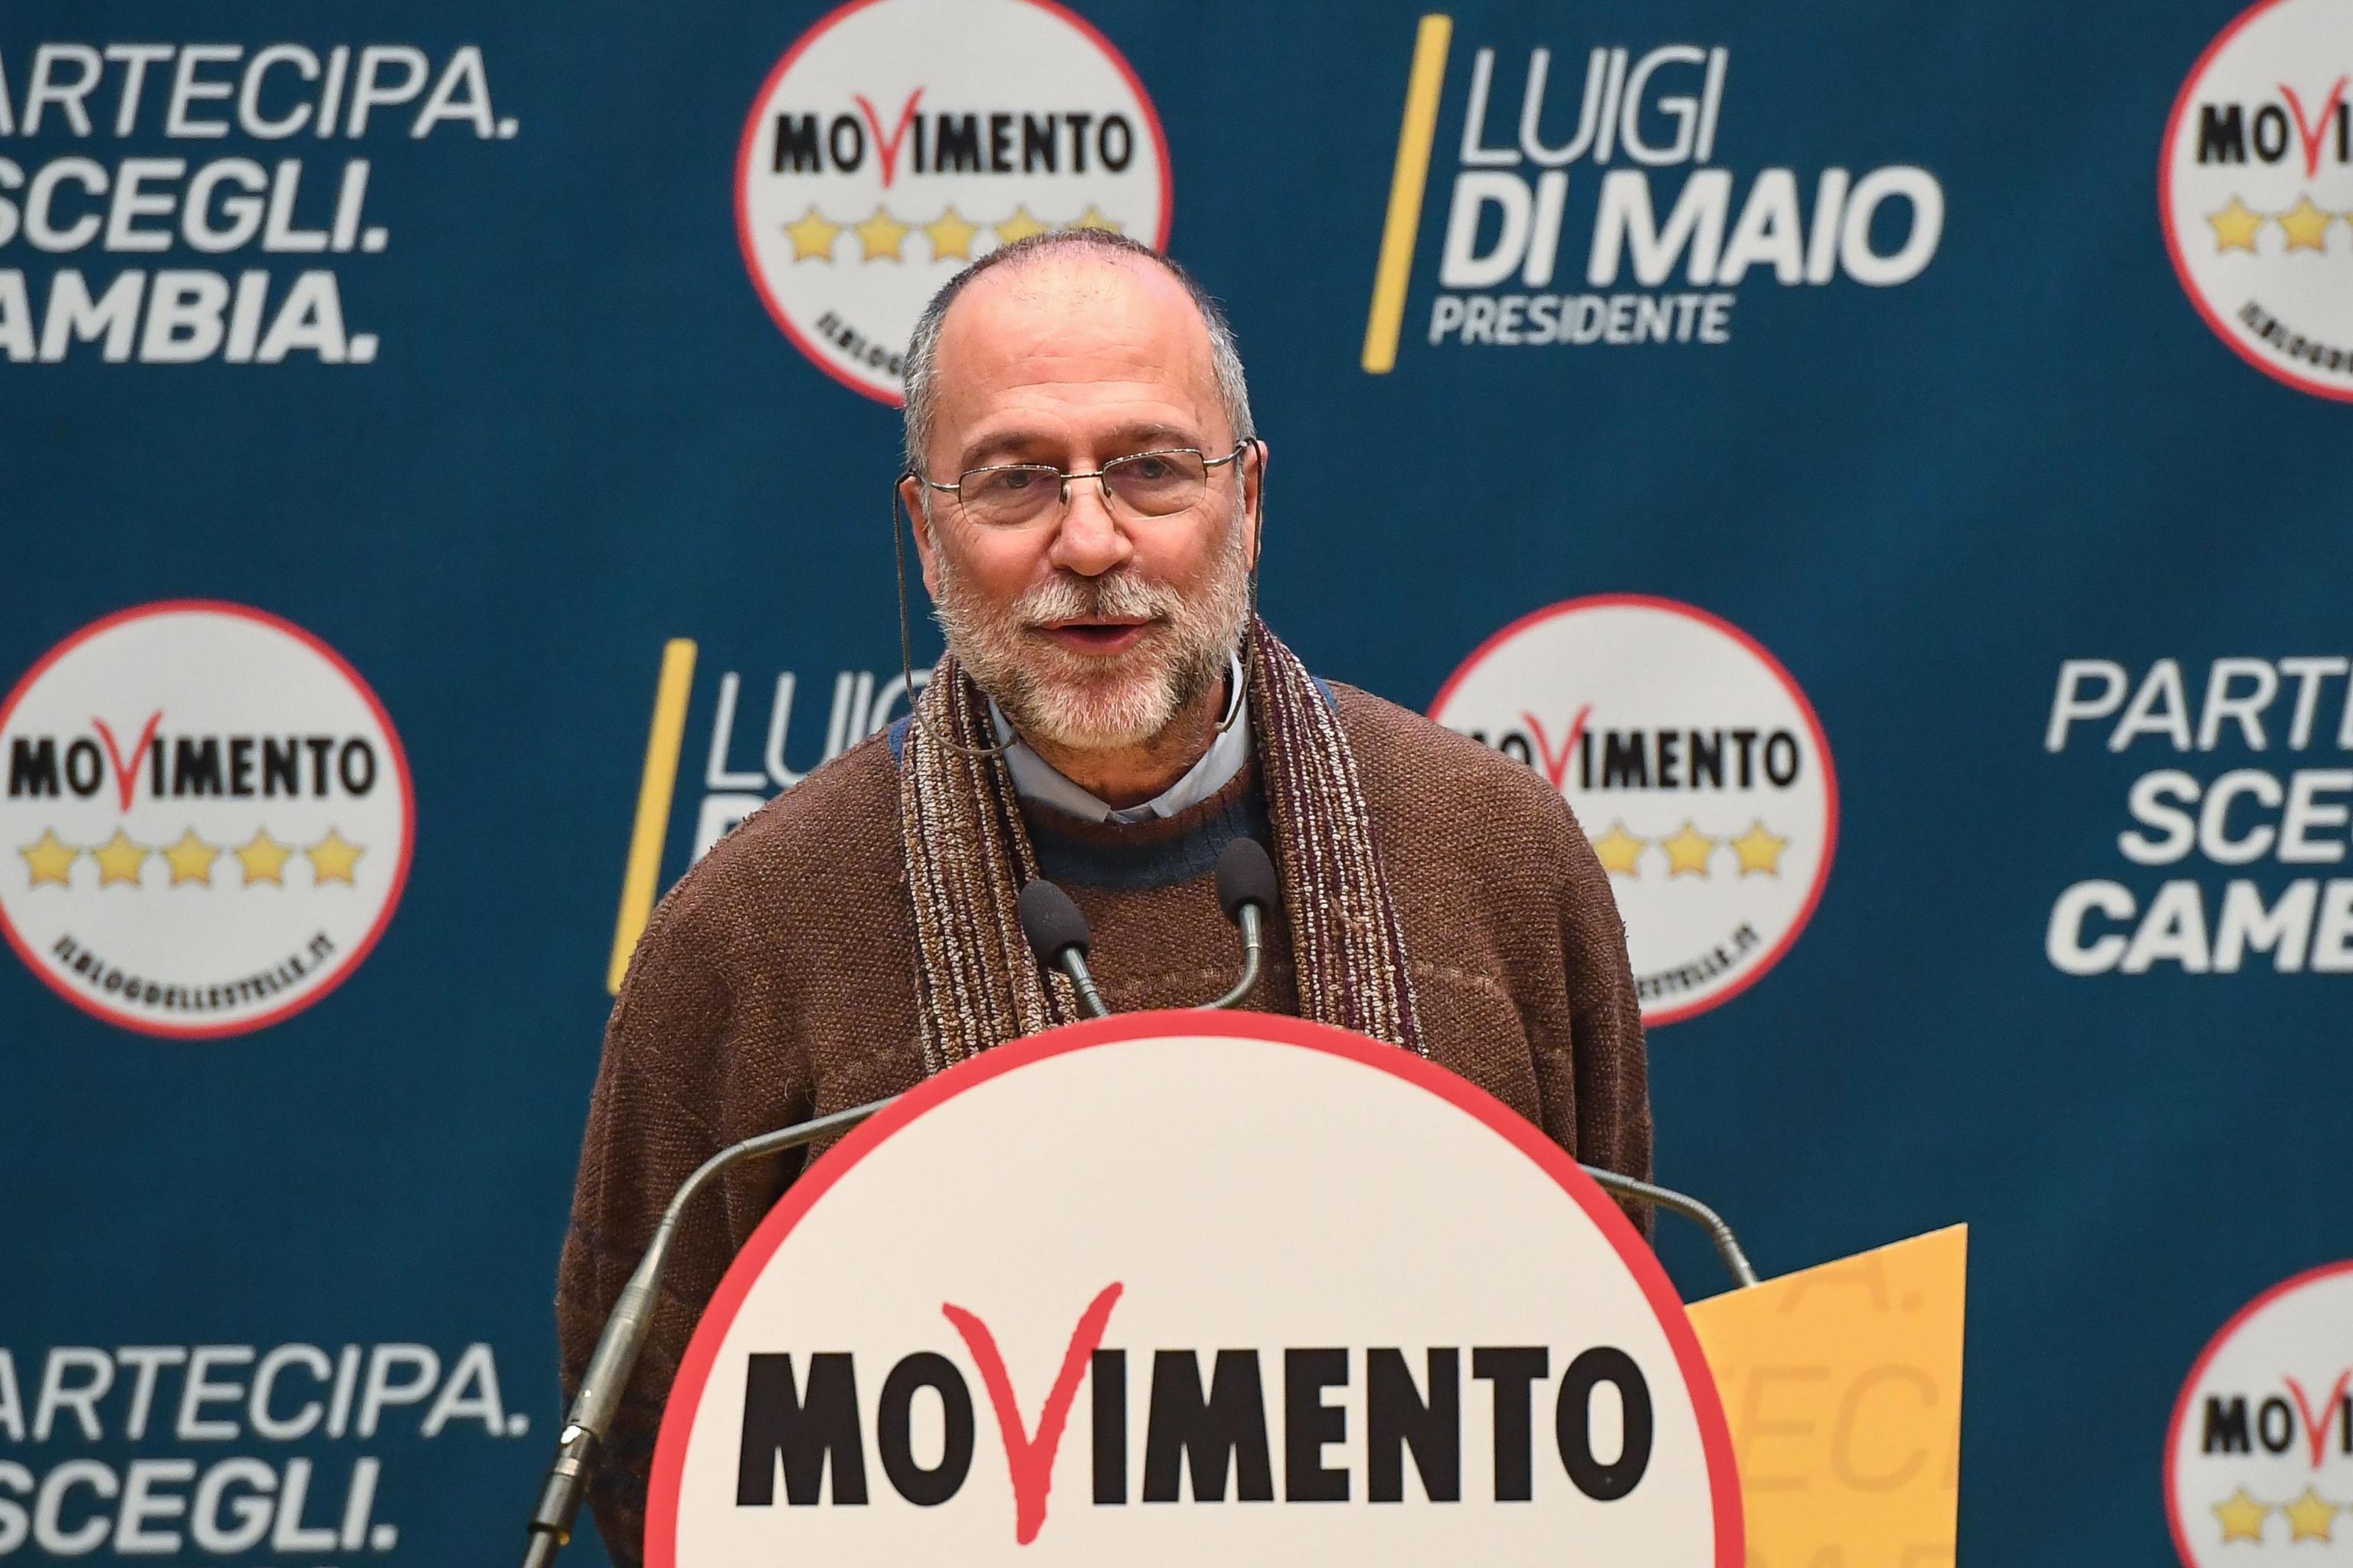 Mauro Coltorti M5S